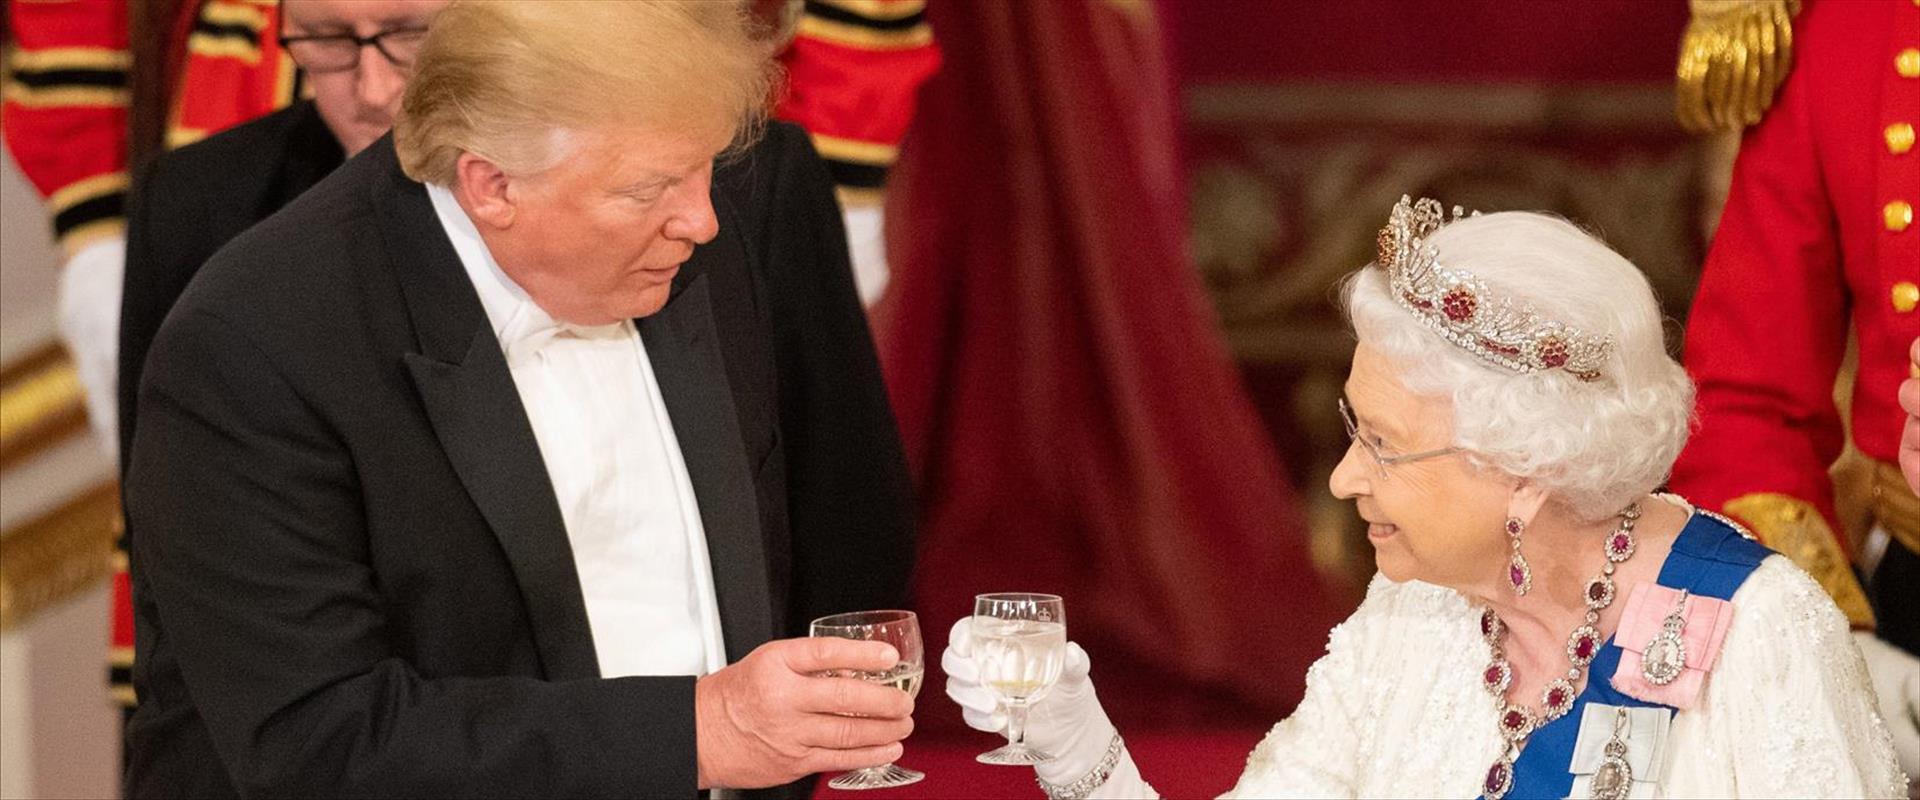 המלכה אליזבת והנשיא לשעבר טראמפ, ארכיון